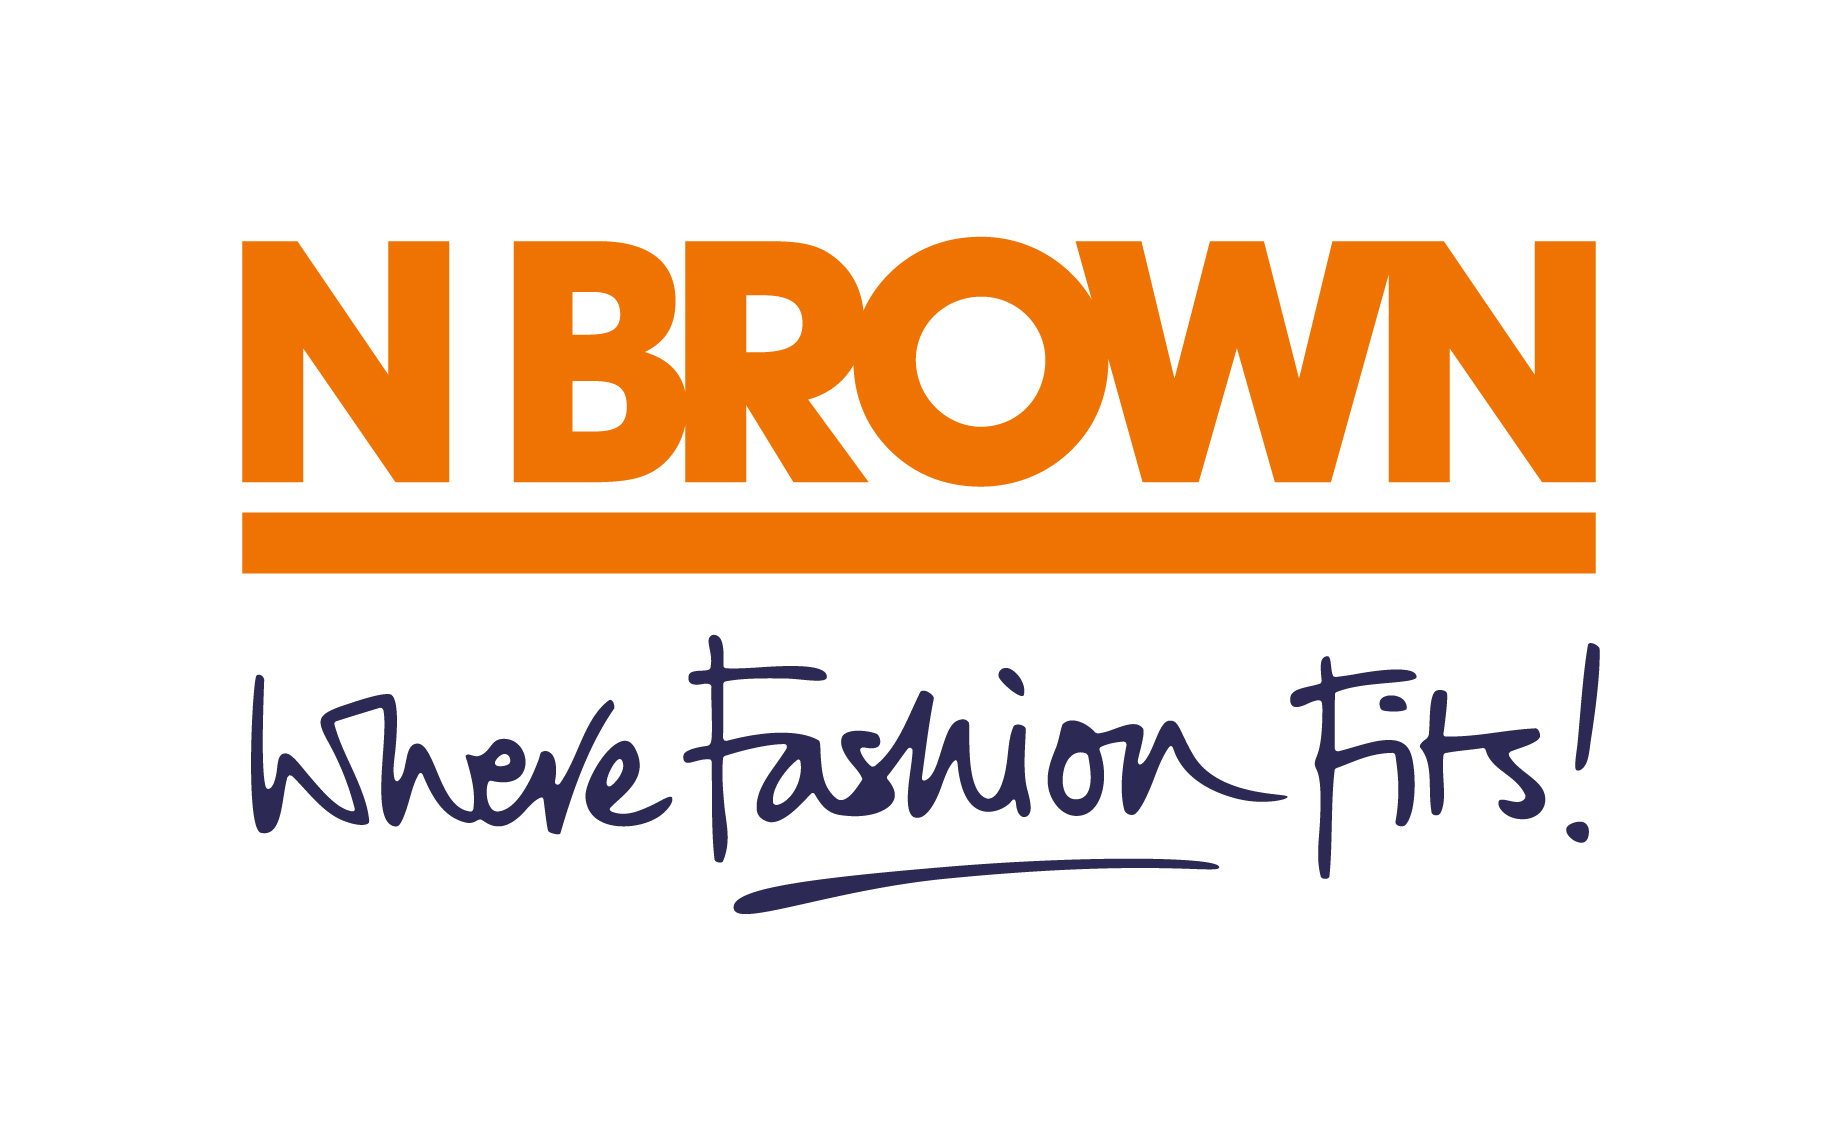 N BROWN